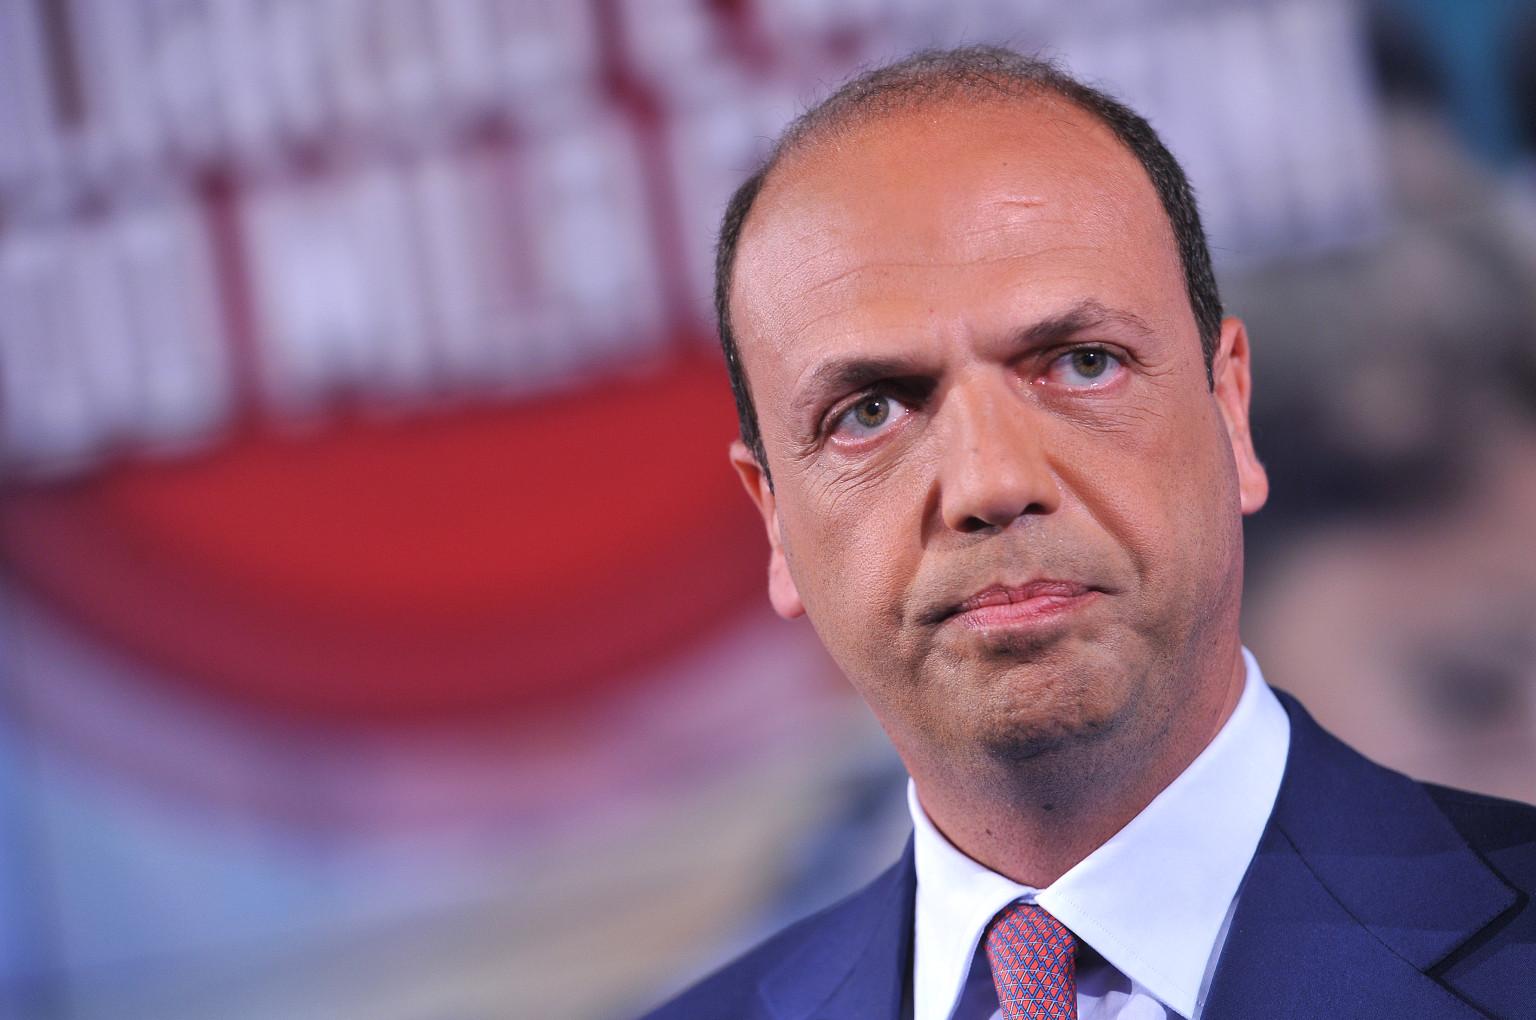 Allarme sicurezza: il Ministro Alfano oggi a Napoli